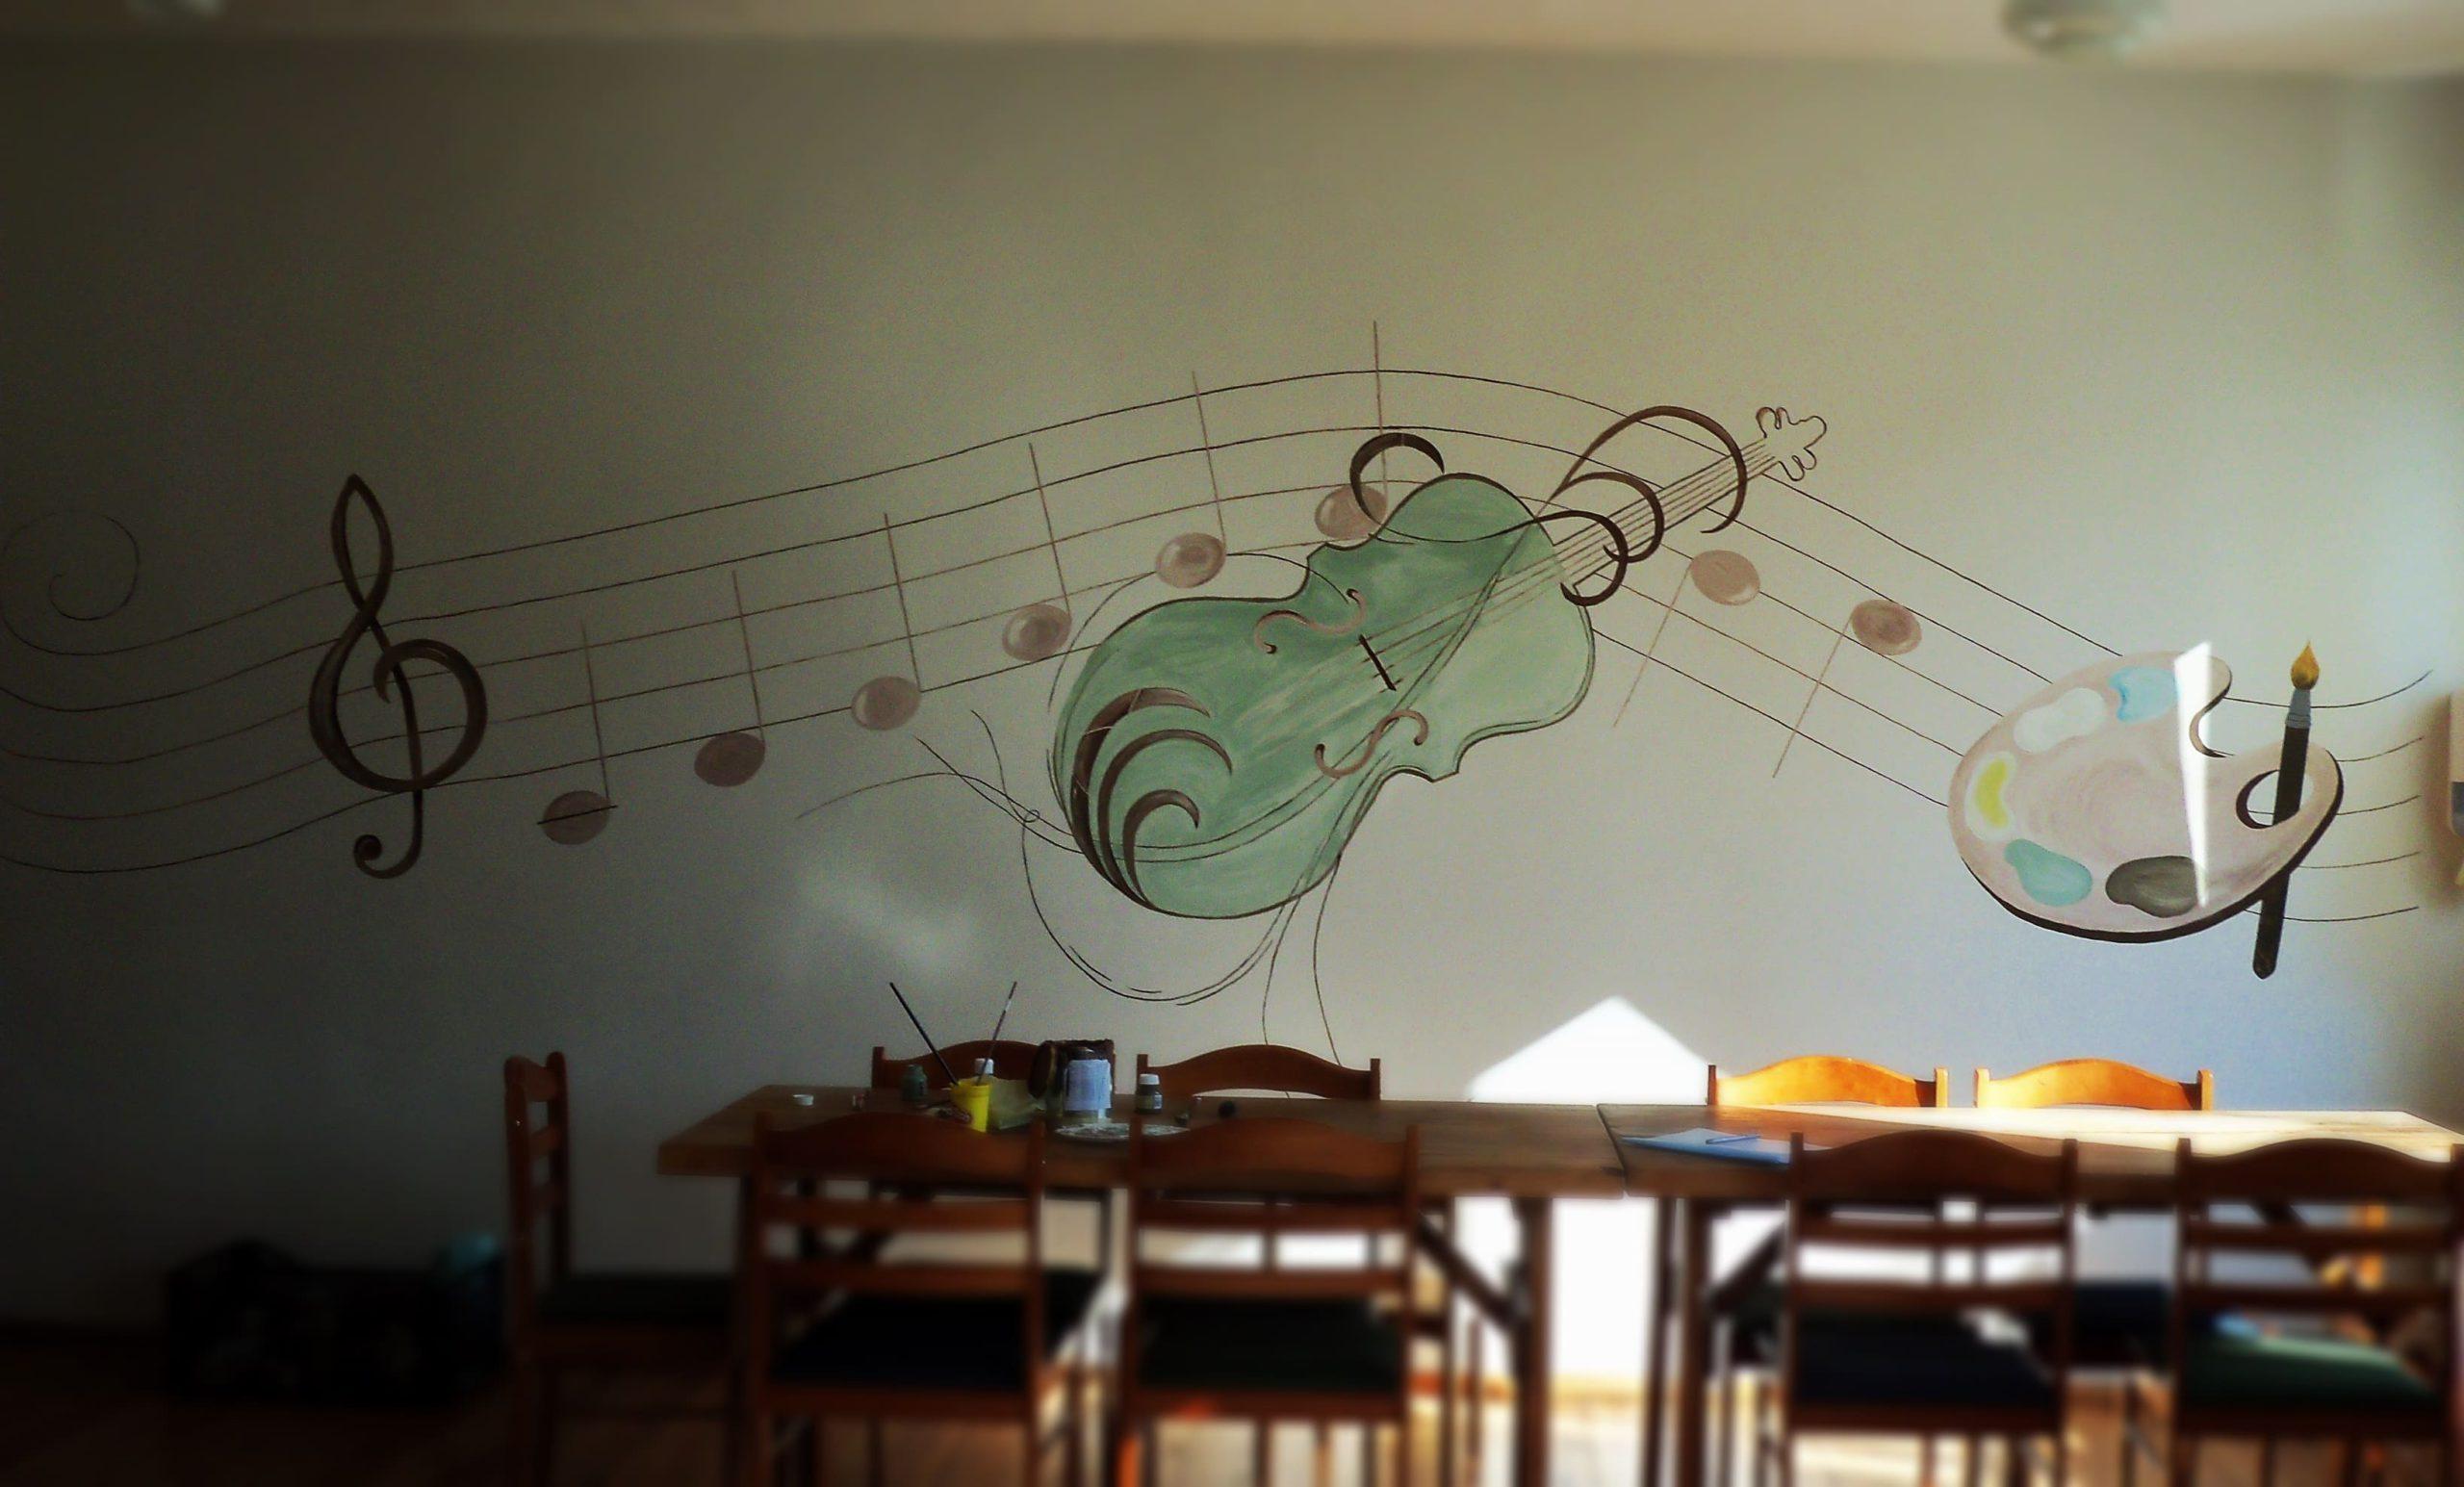 menine-kuryba-sienu-dekoravimas-ugdymo-istaigos (21)